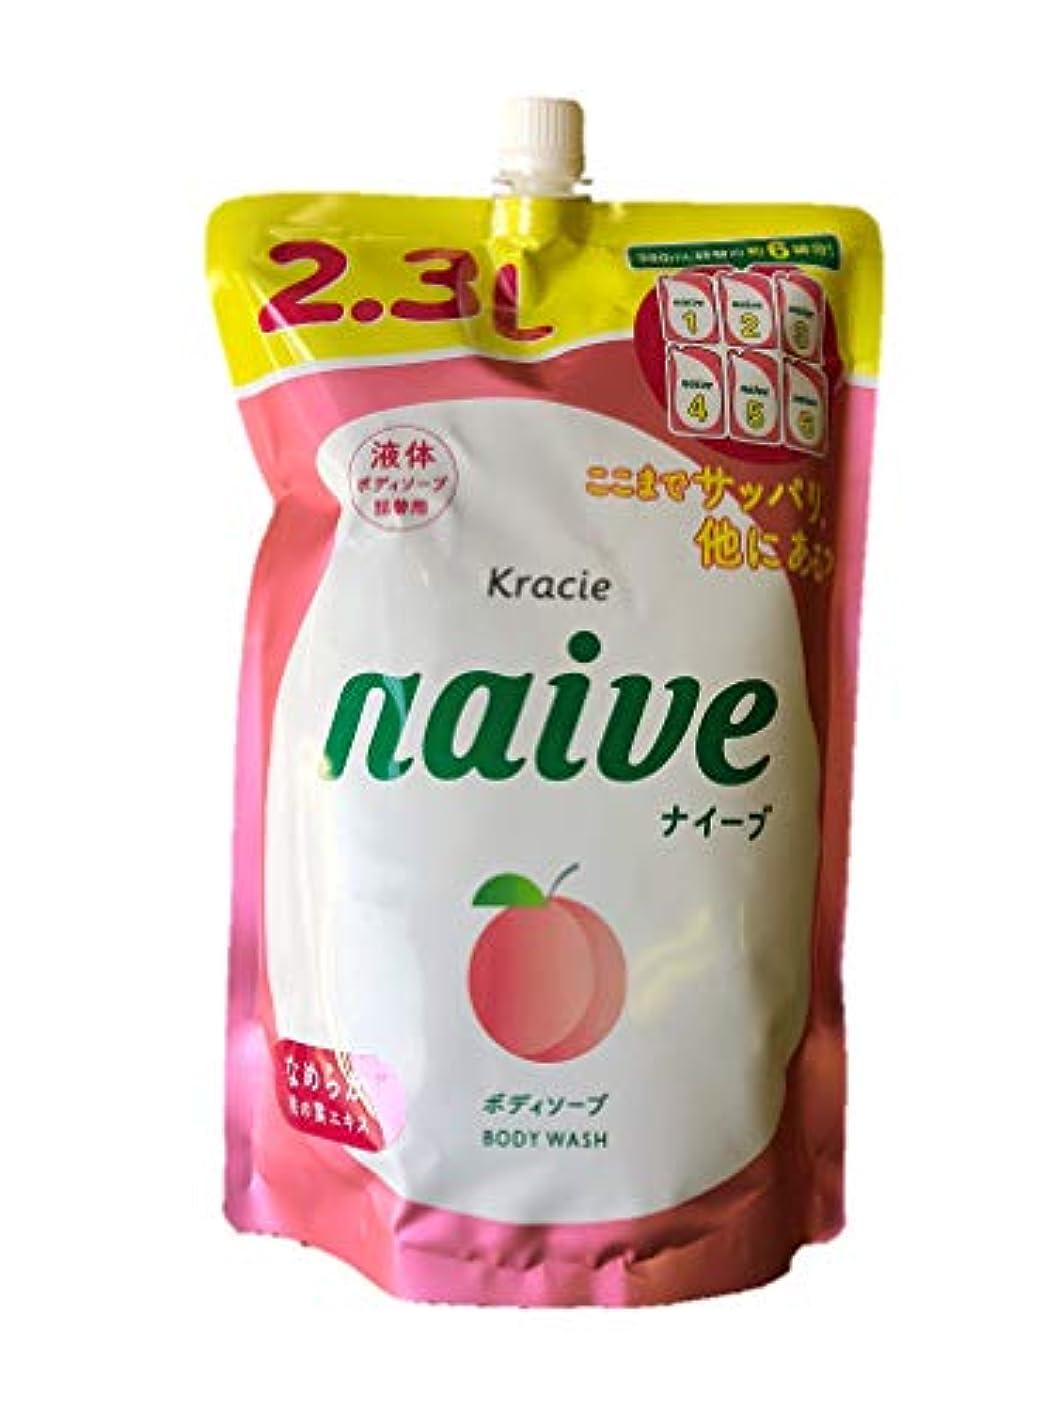 振動させる誰のブロー【大容量2.3L】ナイーブ 植物性ボディーソープ 自然でやさしい桃の香り 2300ml